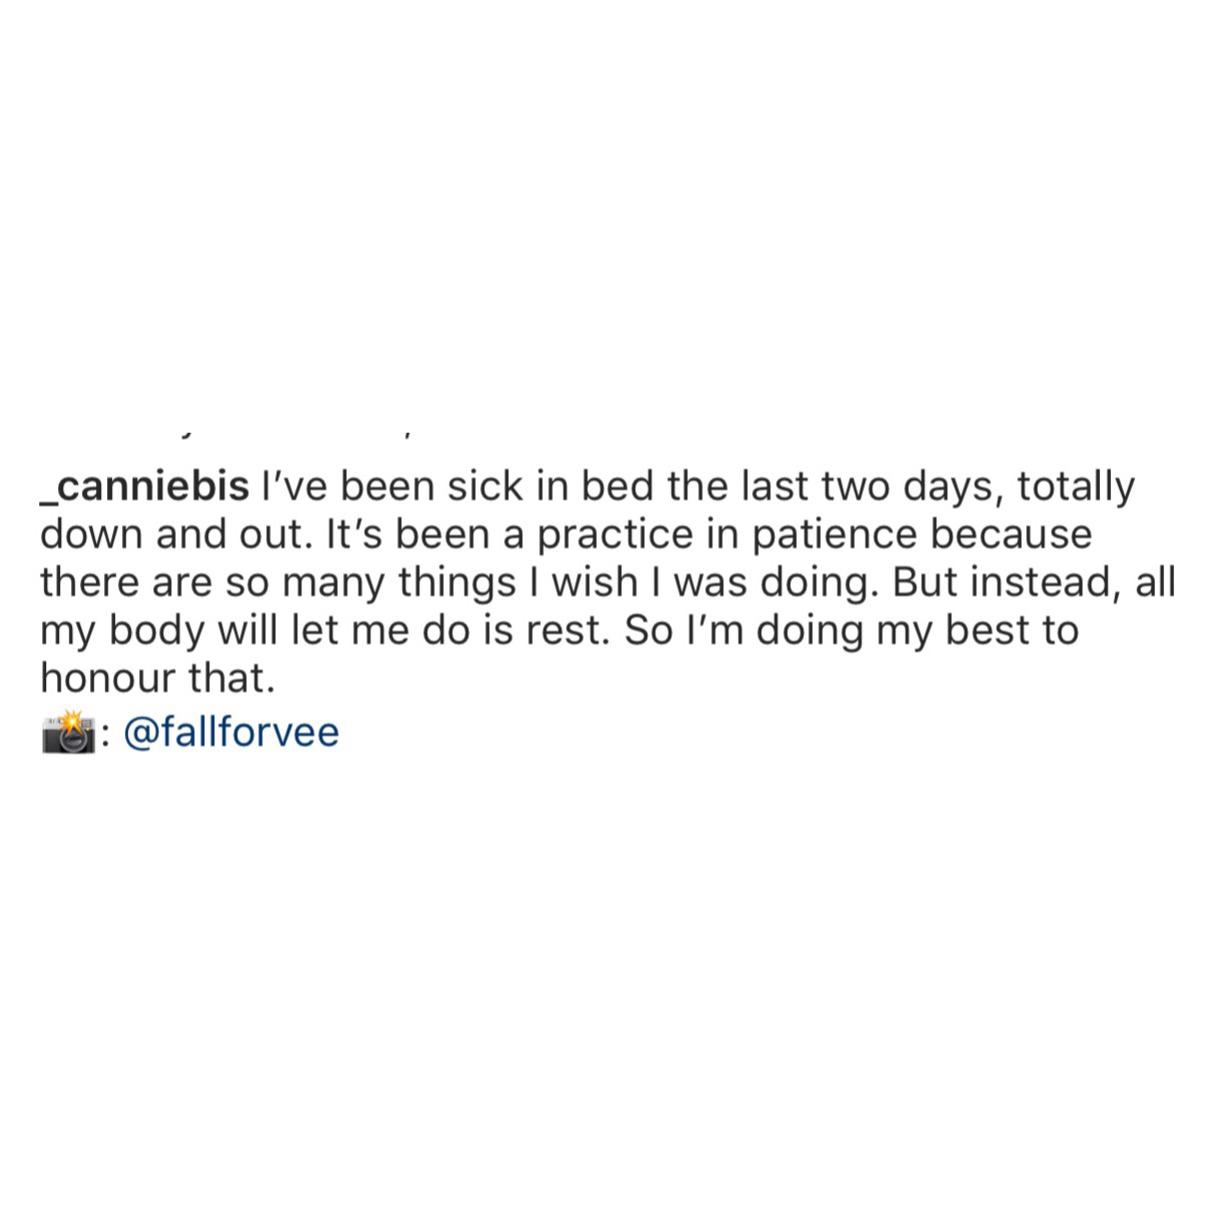 Canniebis social media influencer